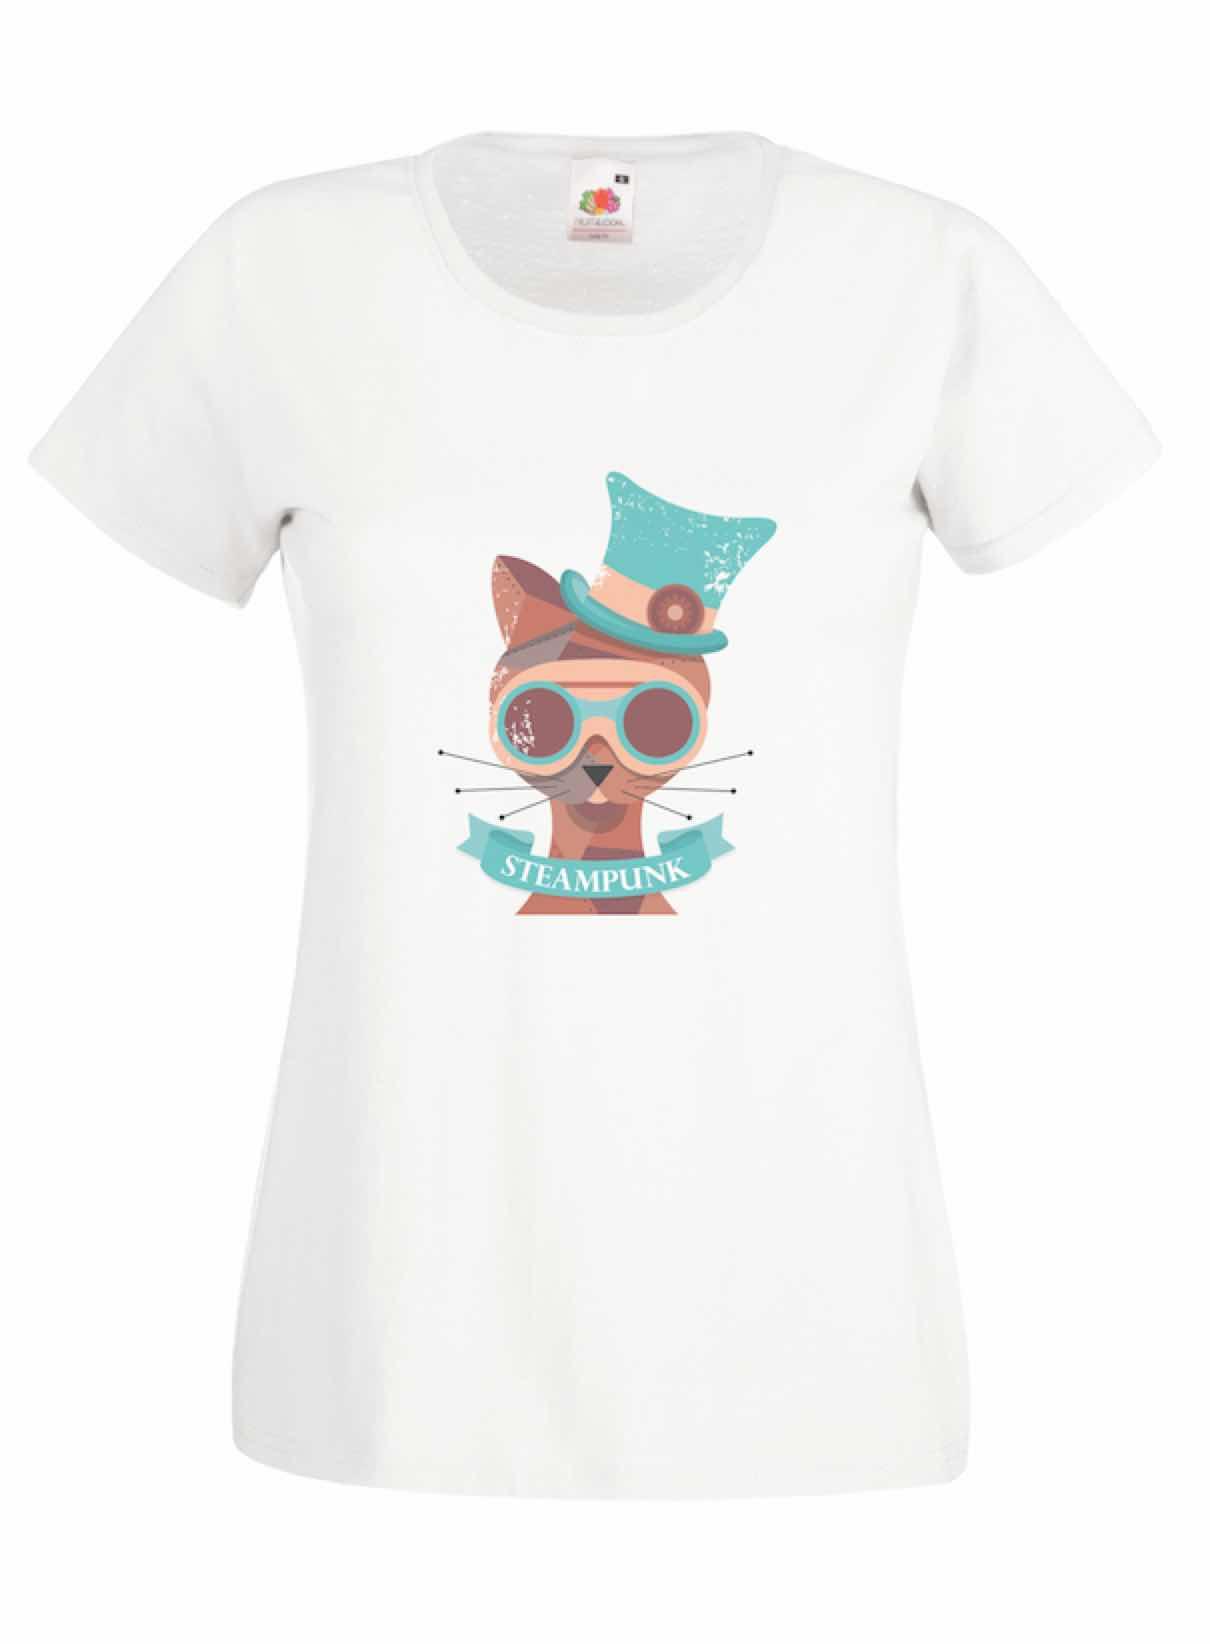 Steampunk design for t-shirt, hoodie & sweatshirt